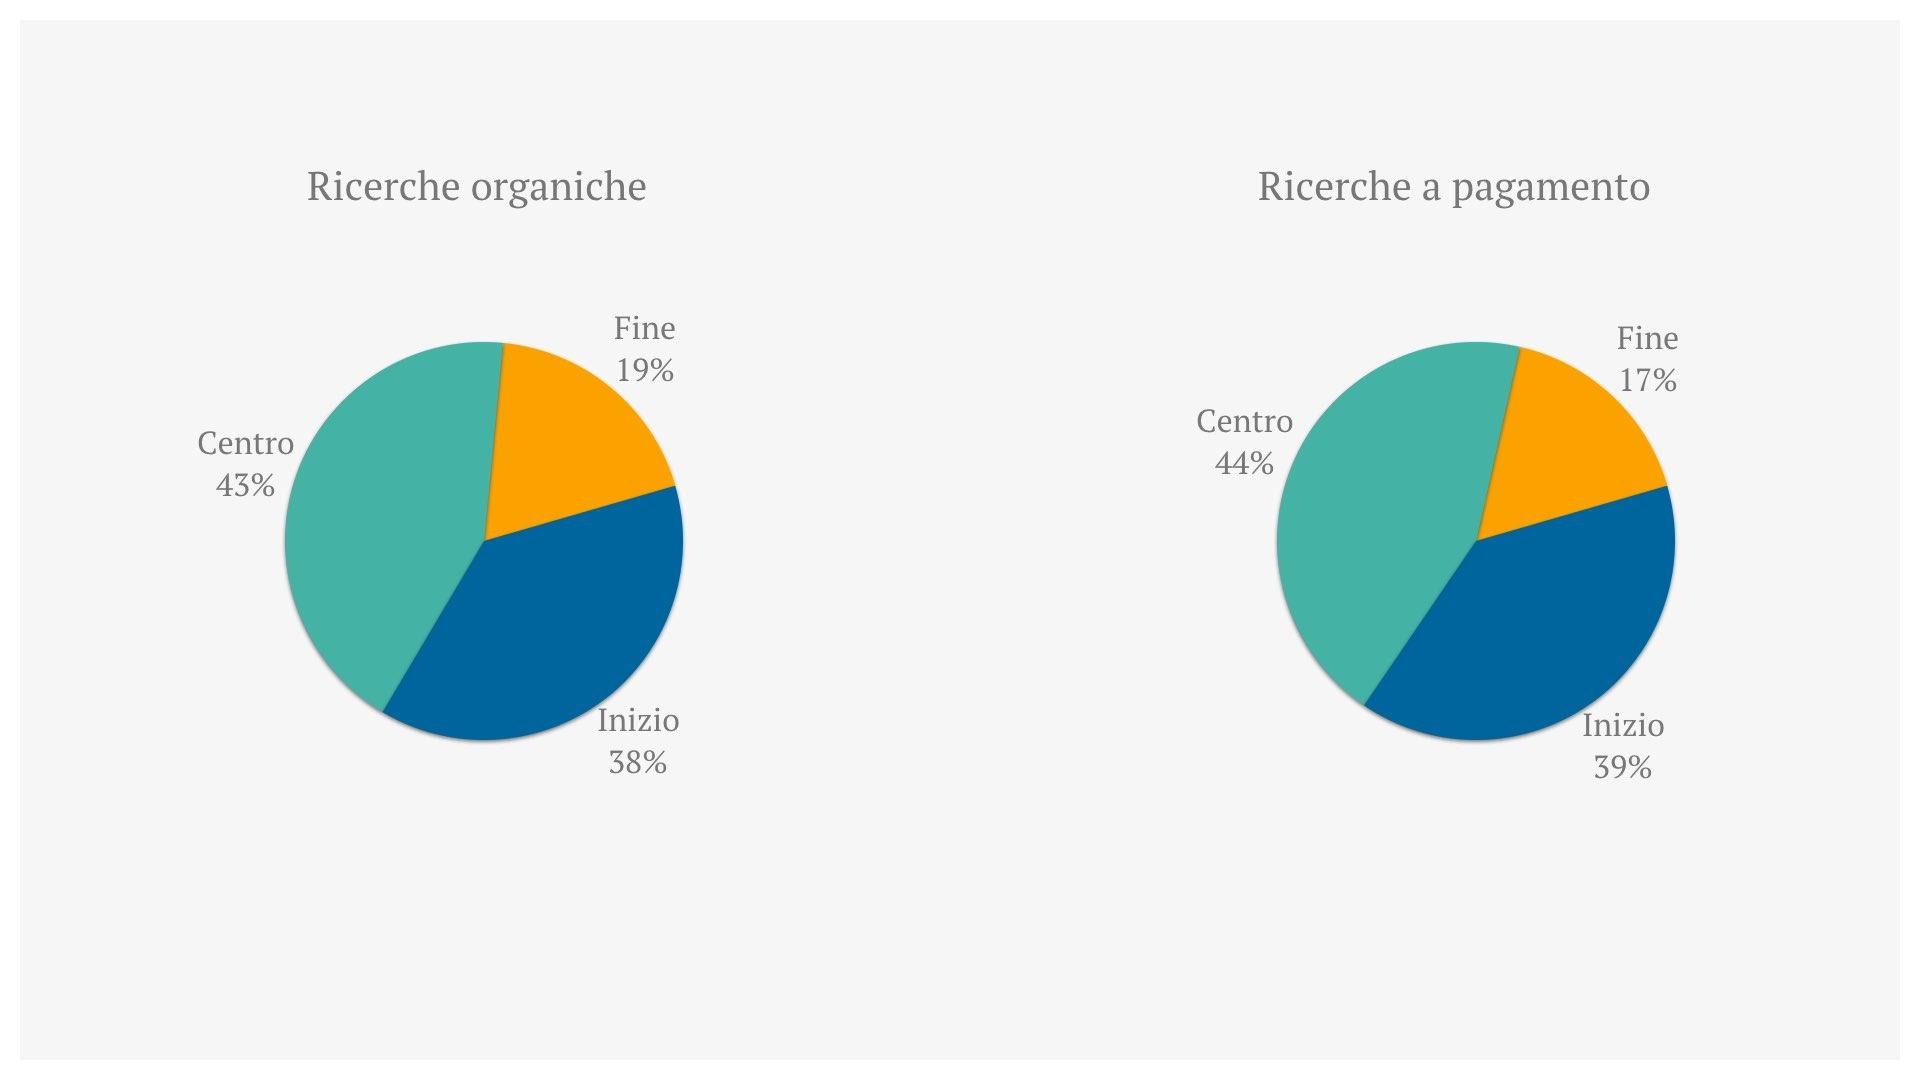 2-ricerche-organiche-e-a-pagamento-turismo.jpeg